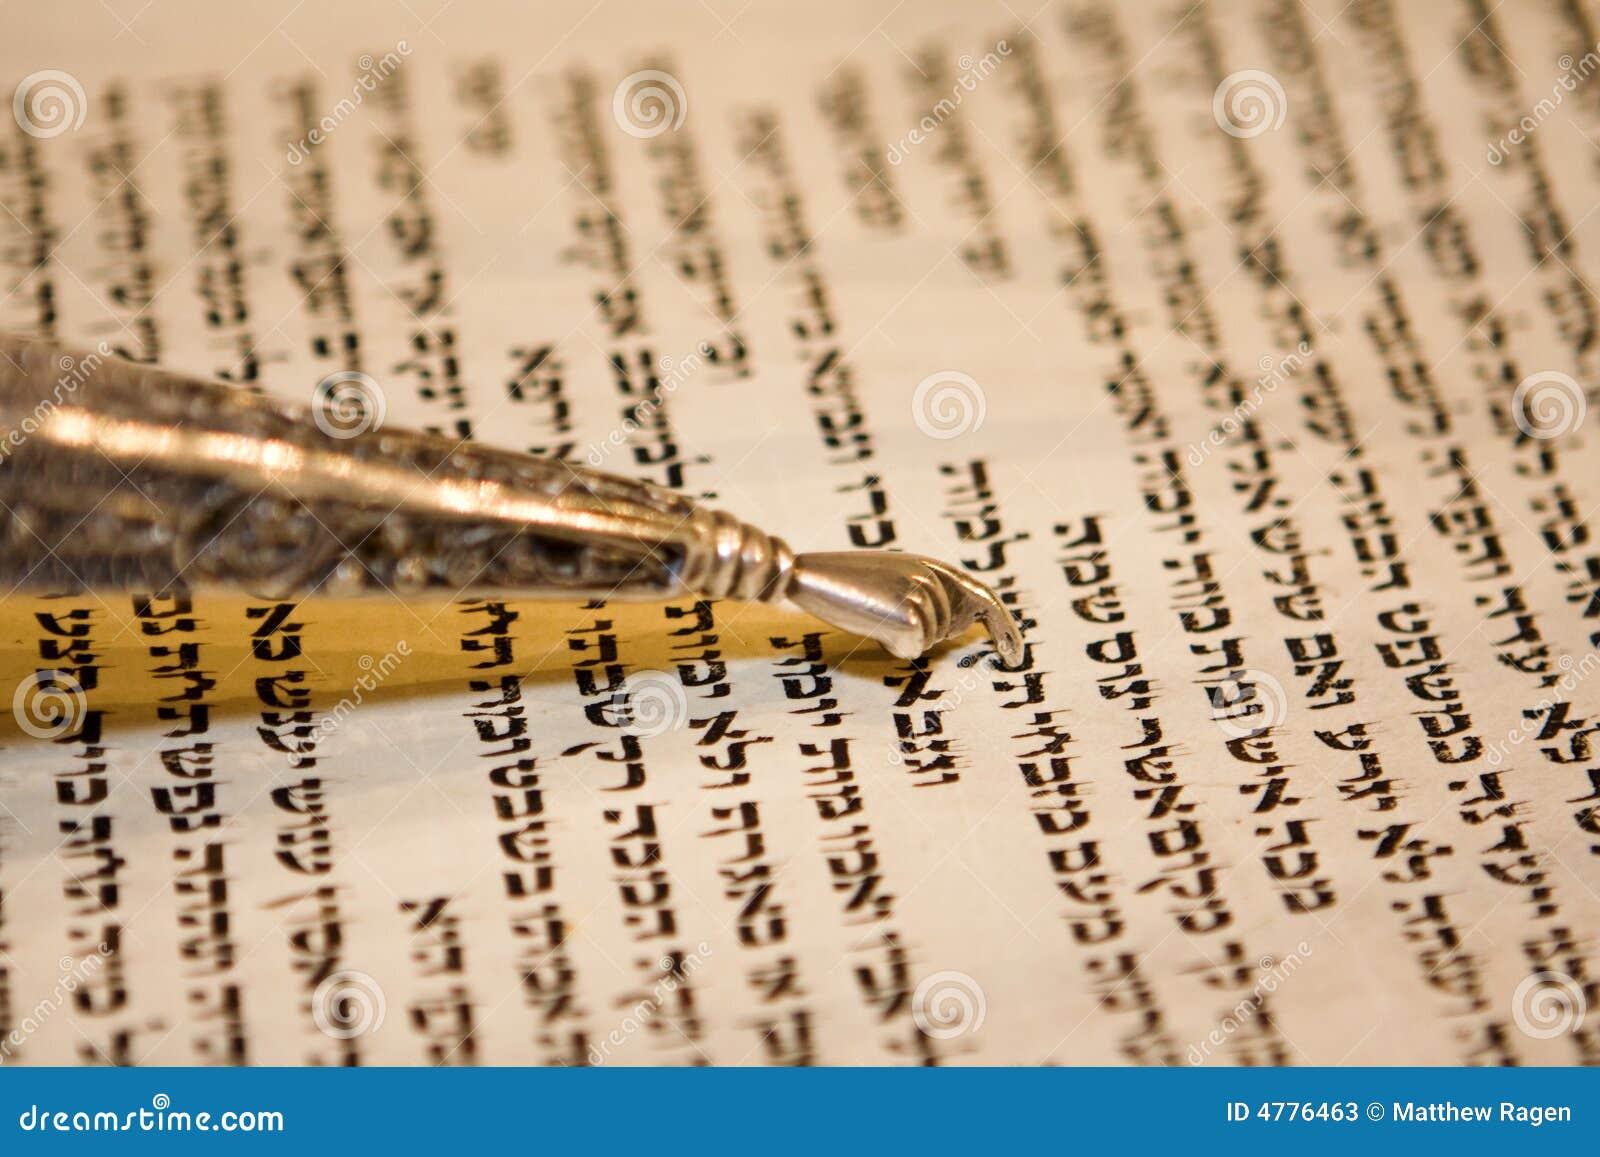 Torah yad